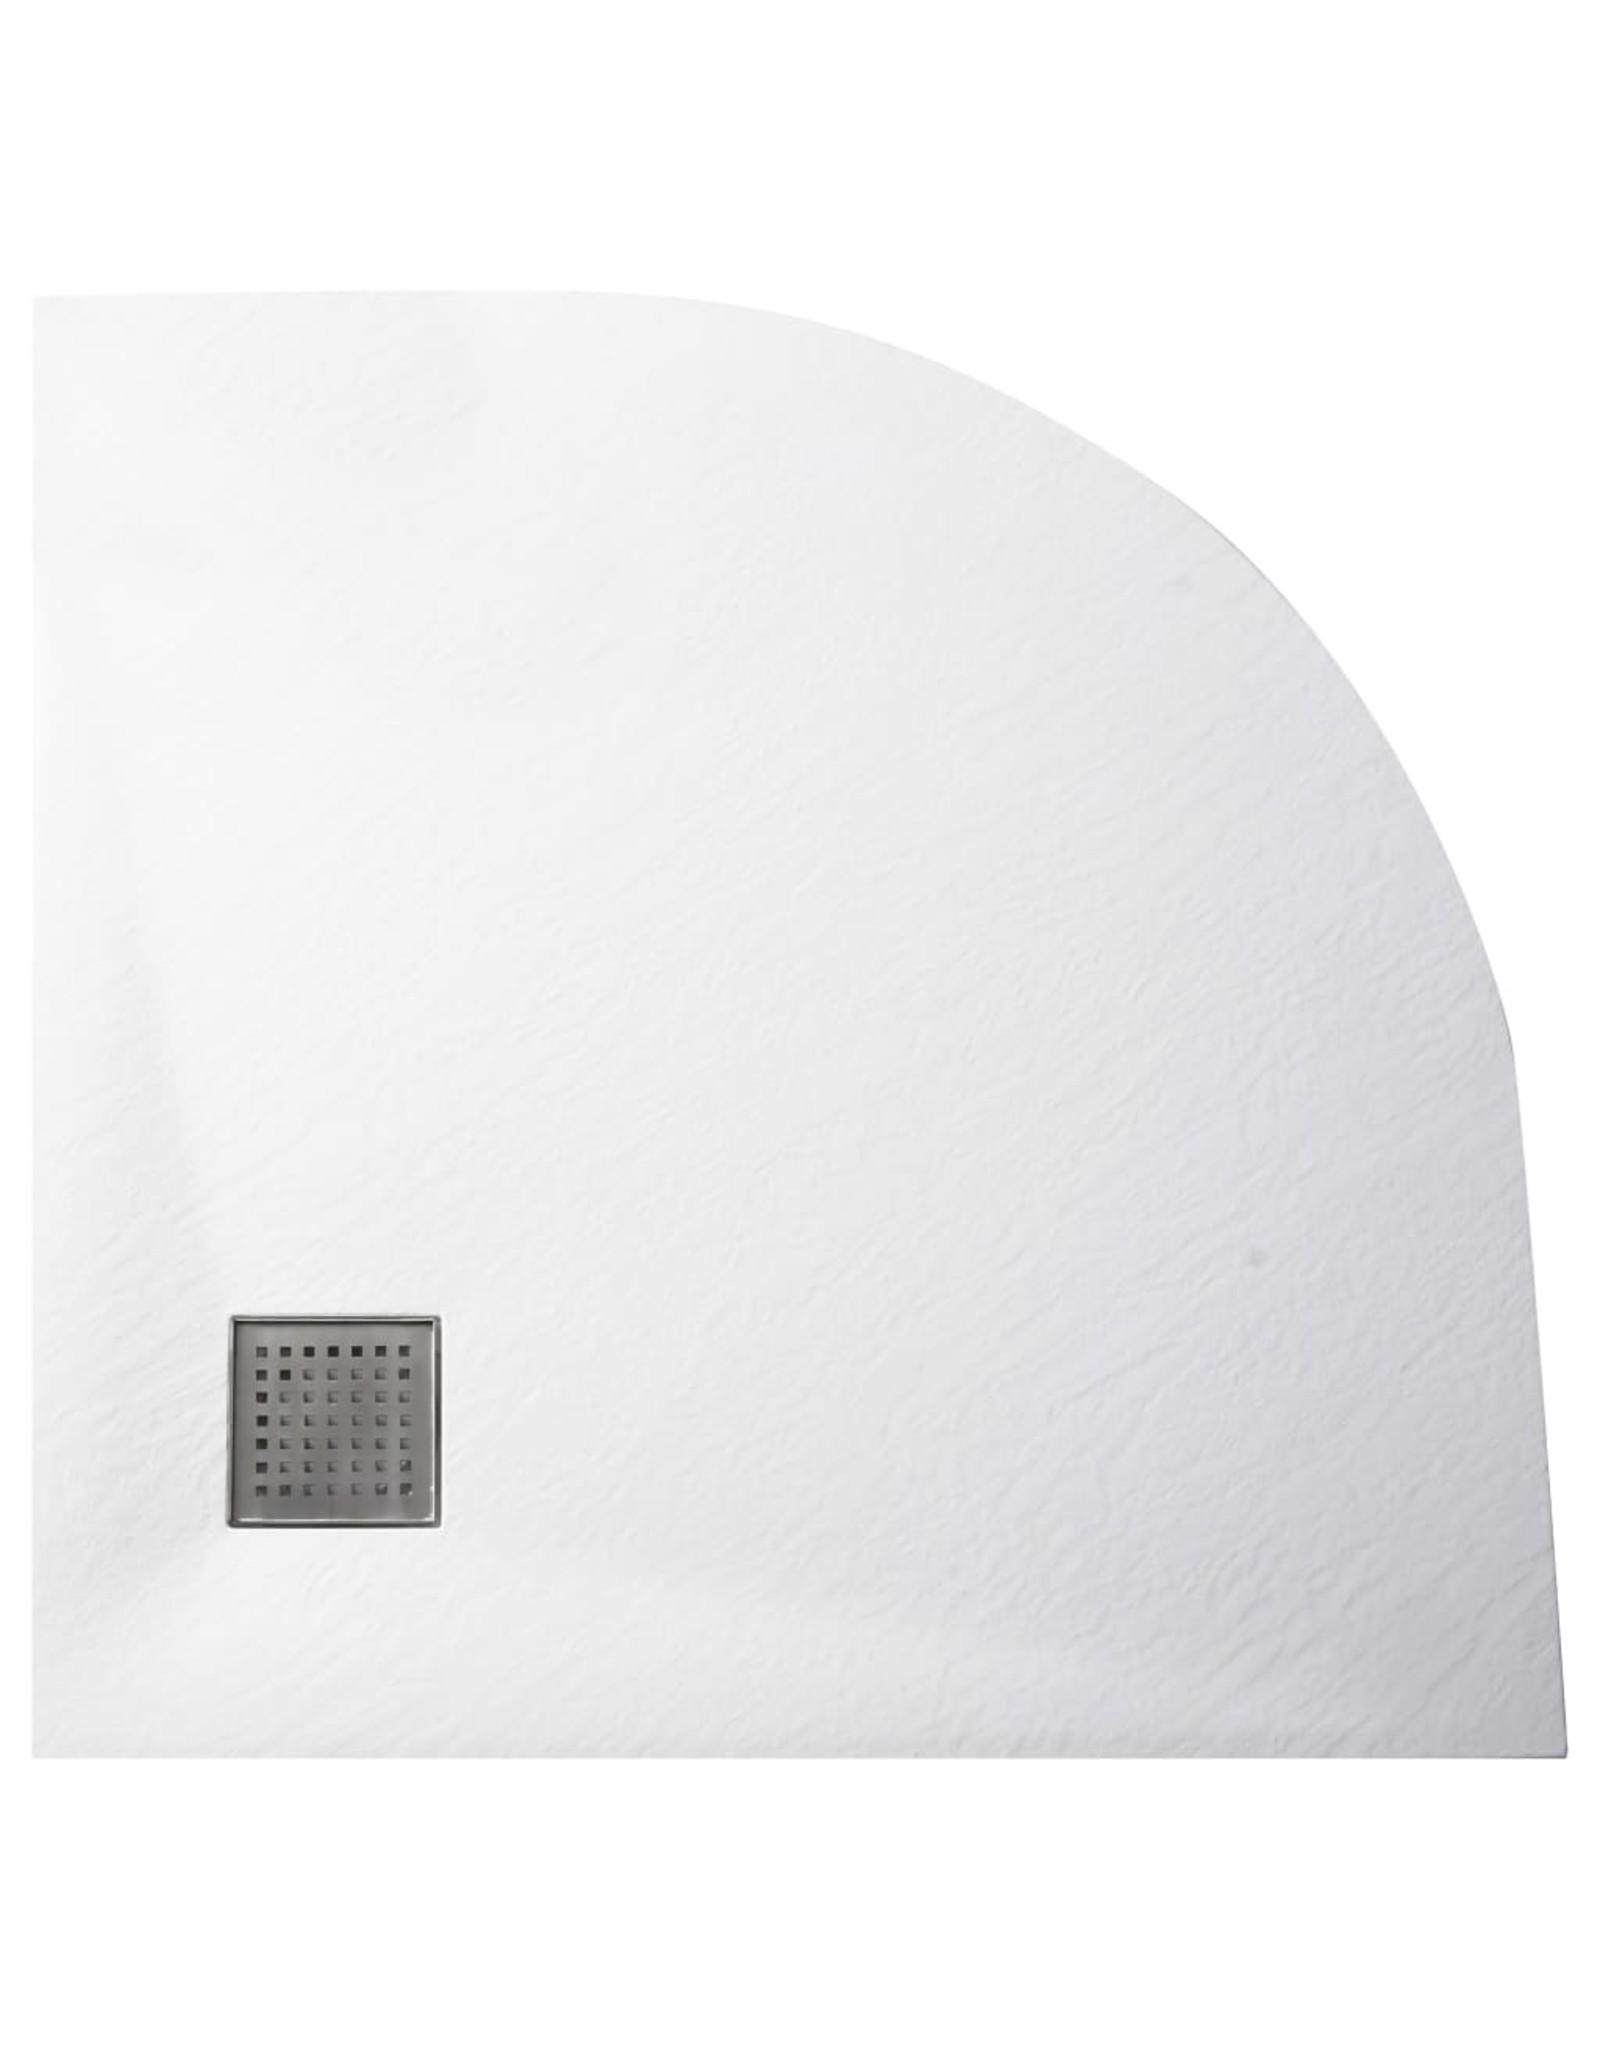 Douchebak 90x90 cm SMC wit